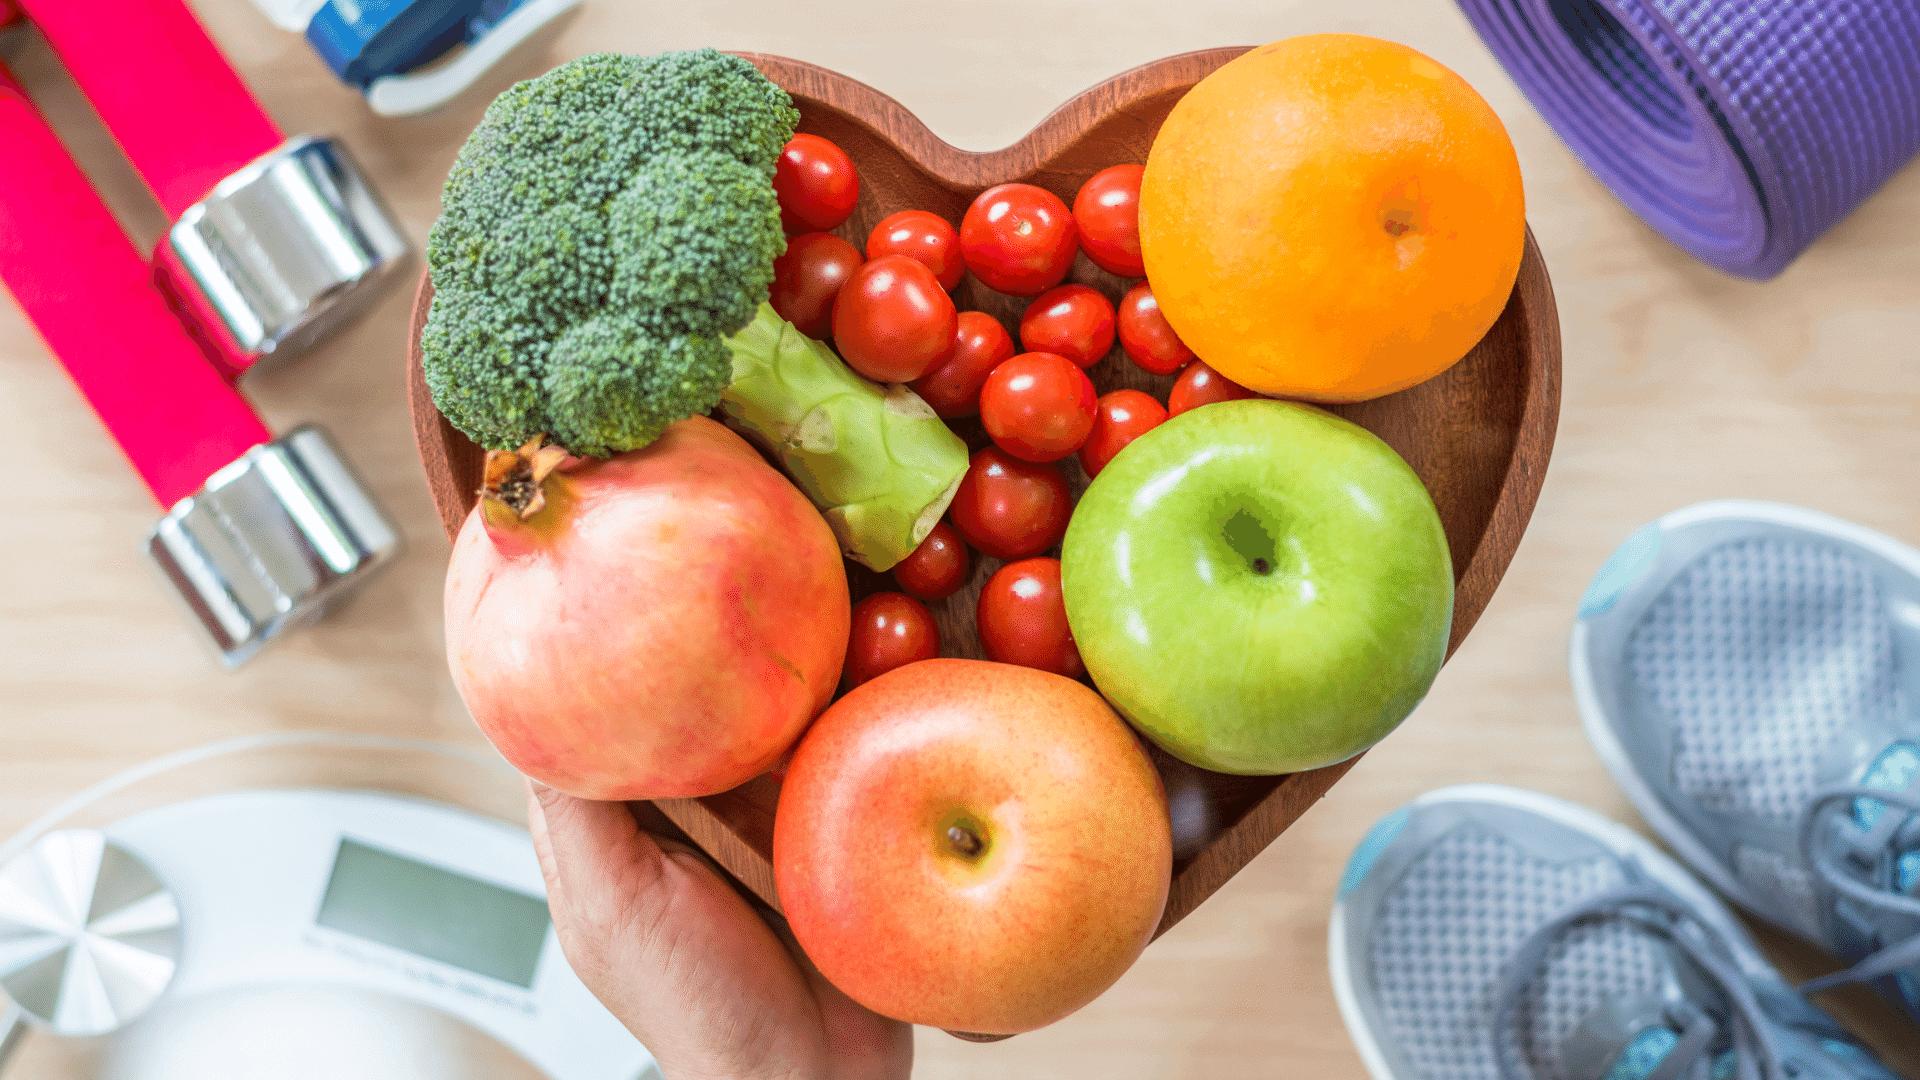 zdrava prehrana ter prehranska dopolnila